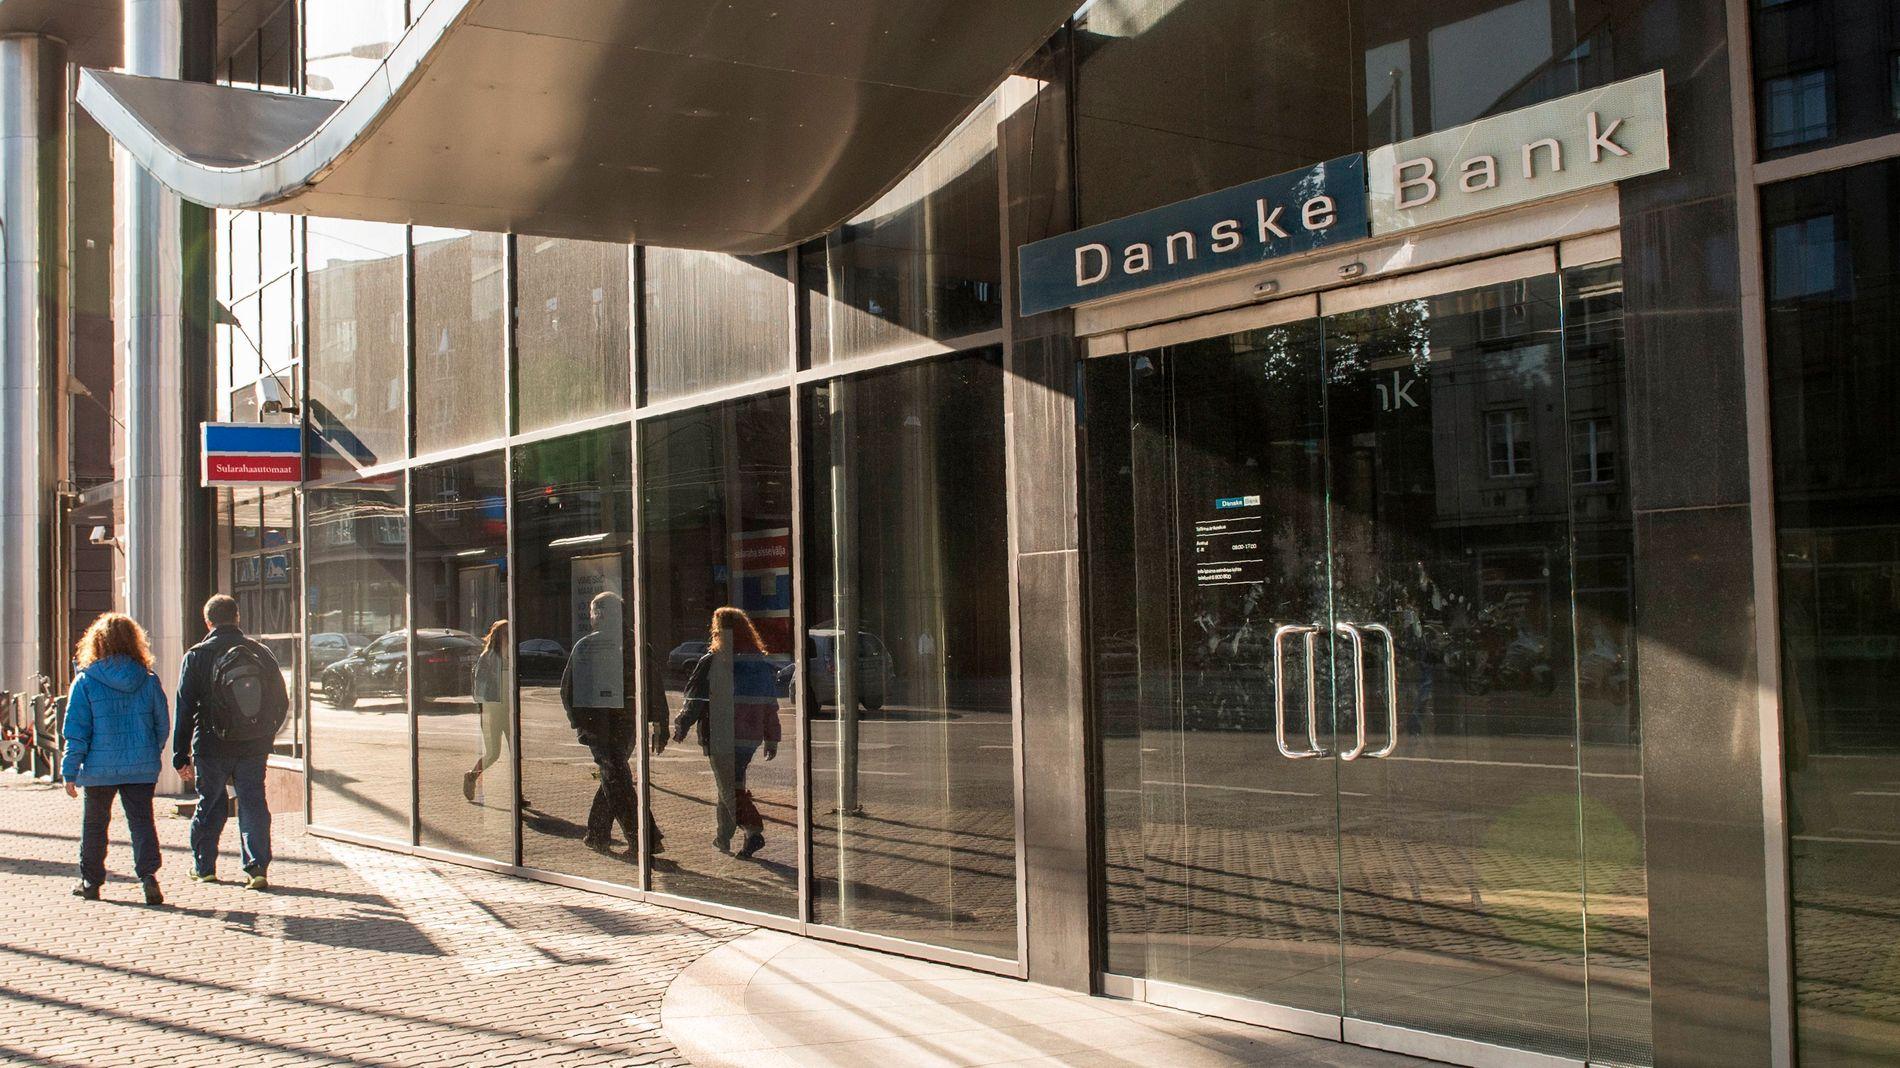 UNDER ETTERFORSKNING: Danske Banks kontor i Tallinn, Estland.